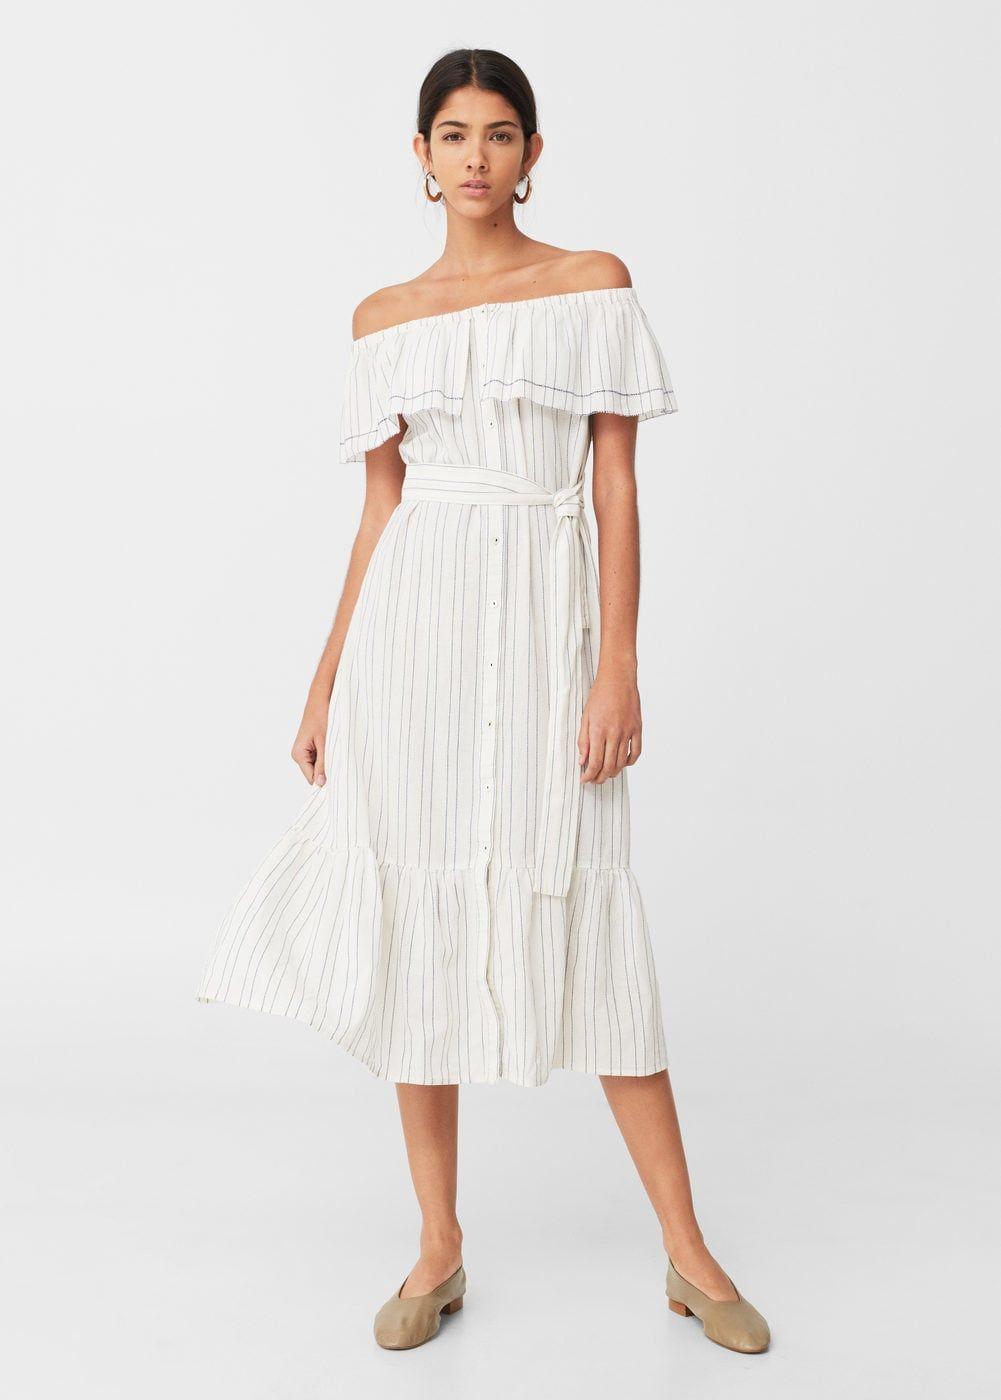 Vestido Off Shoulder Estampado Mujer Mango Espana Off Shoulder Dress Womens Beach Dresses Striped Dress Summer